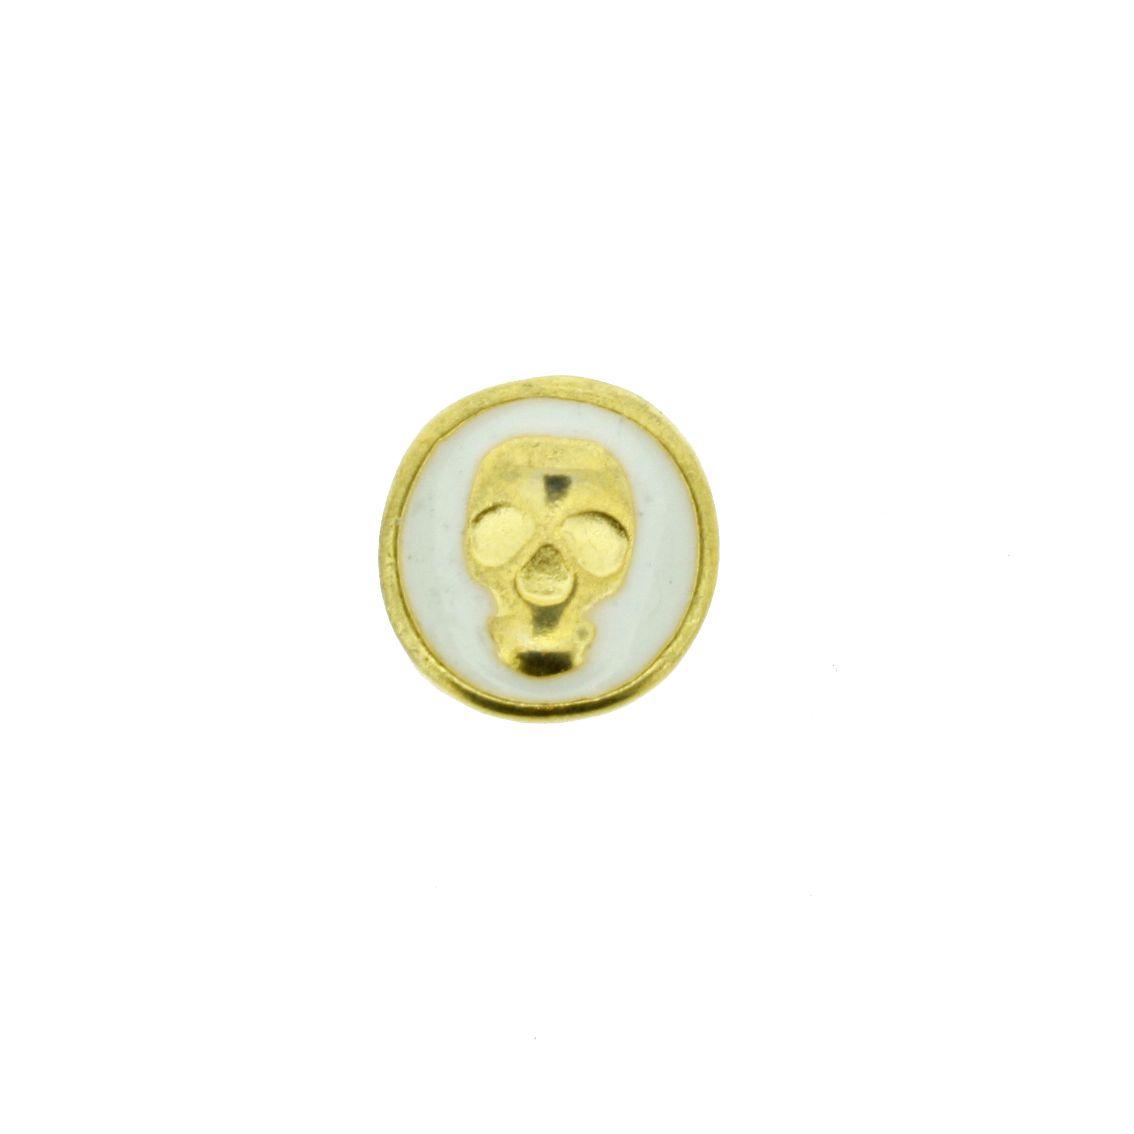 Caveira - Dourado com Branca - 9mm - 01 Peça  - Stéphanie Bijoux® - Peças para Bijuterias e Artesanato